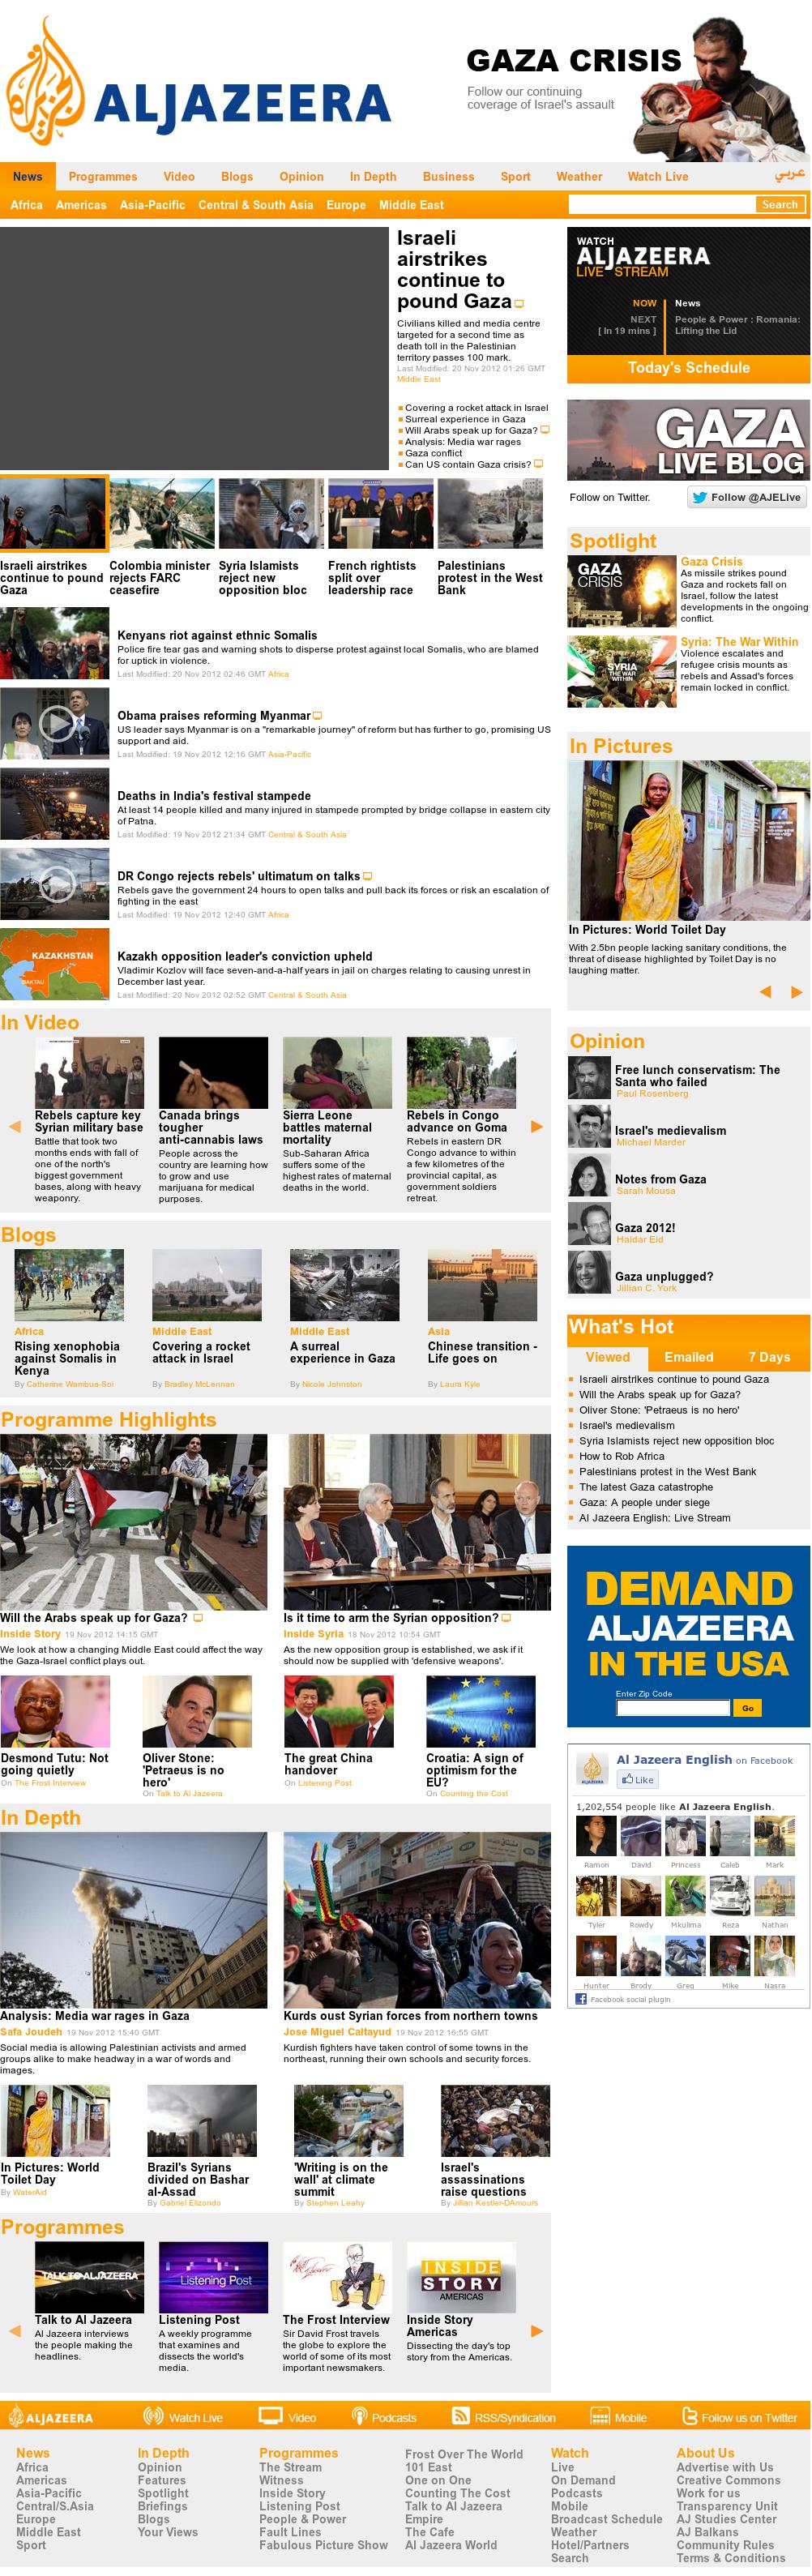 Al Jazeera (English) at Tuesday Nov. 20, 2012, 3:16 a.m. UTC